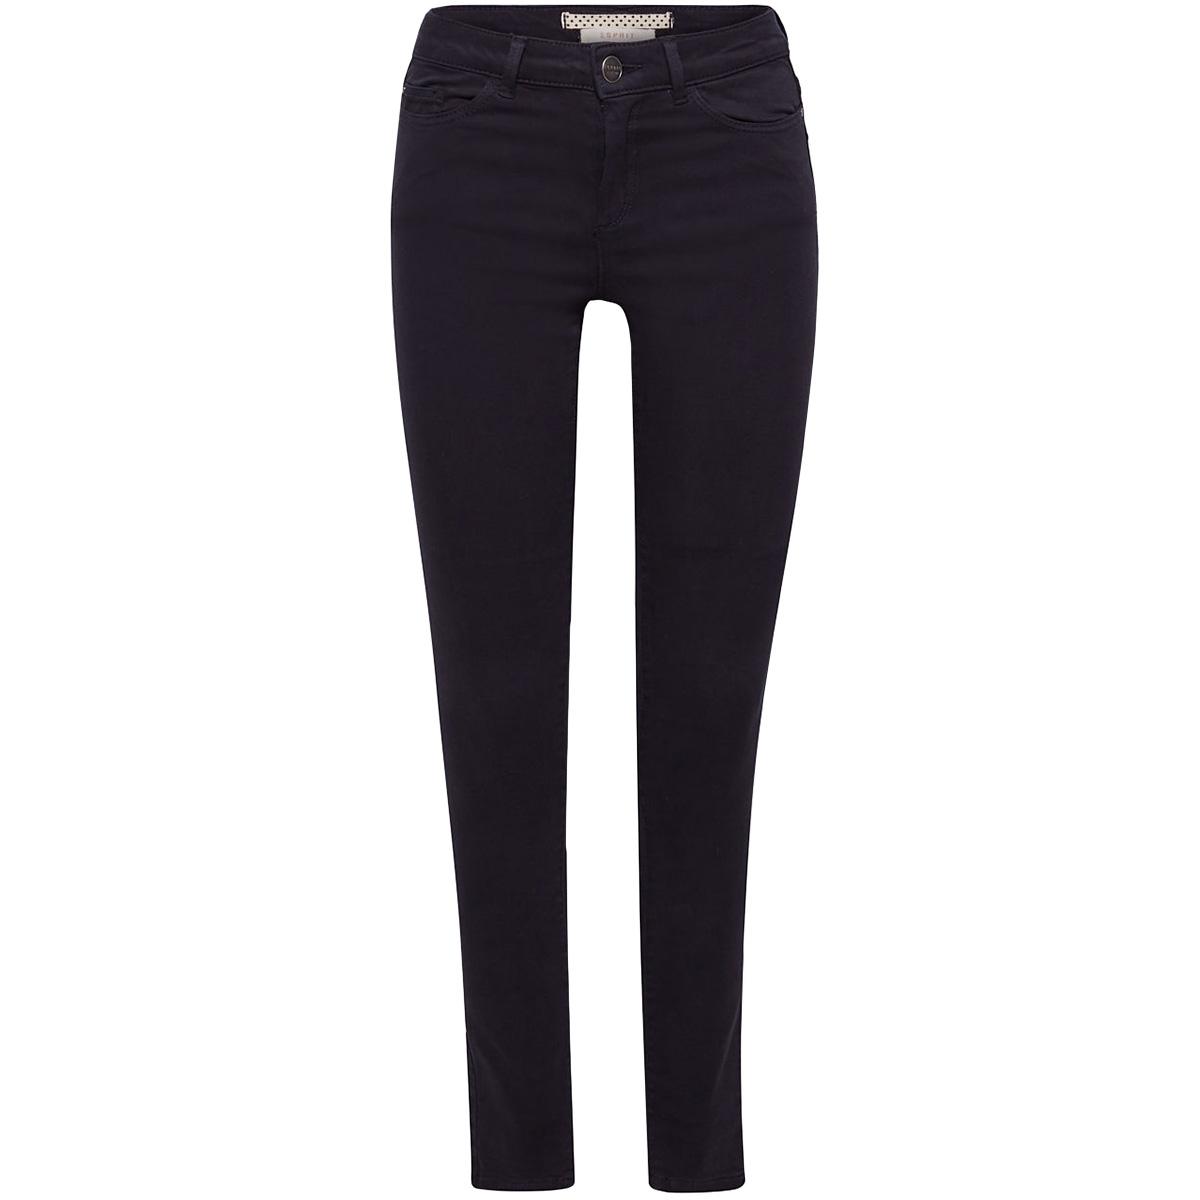 019ee1b013 esprit jeans e400